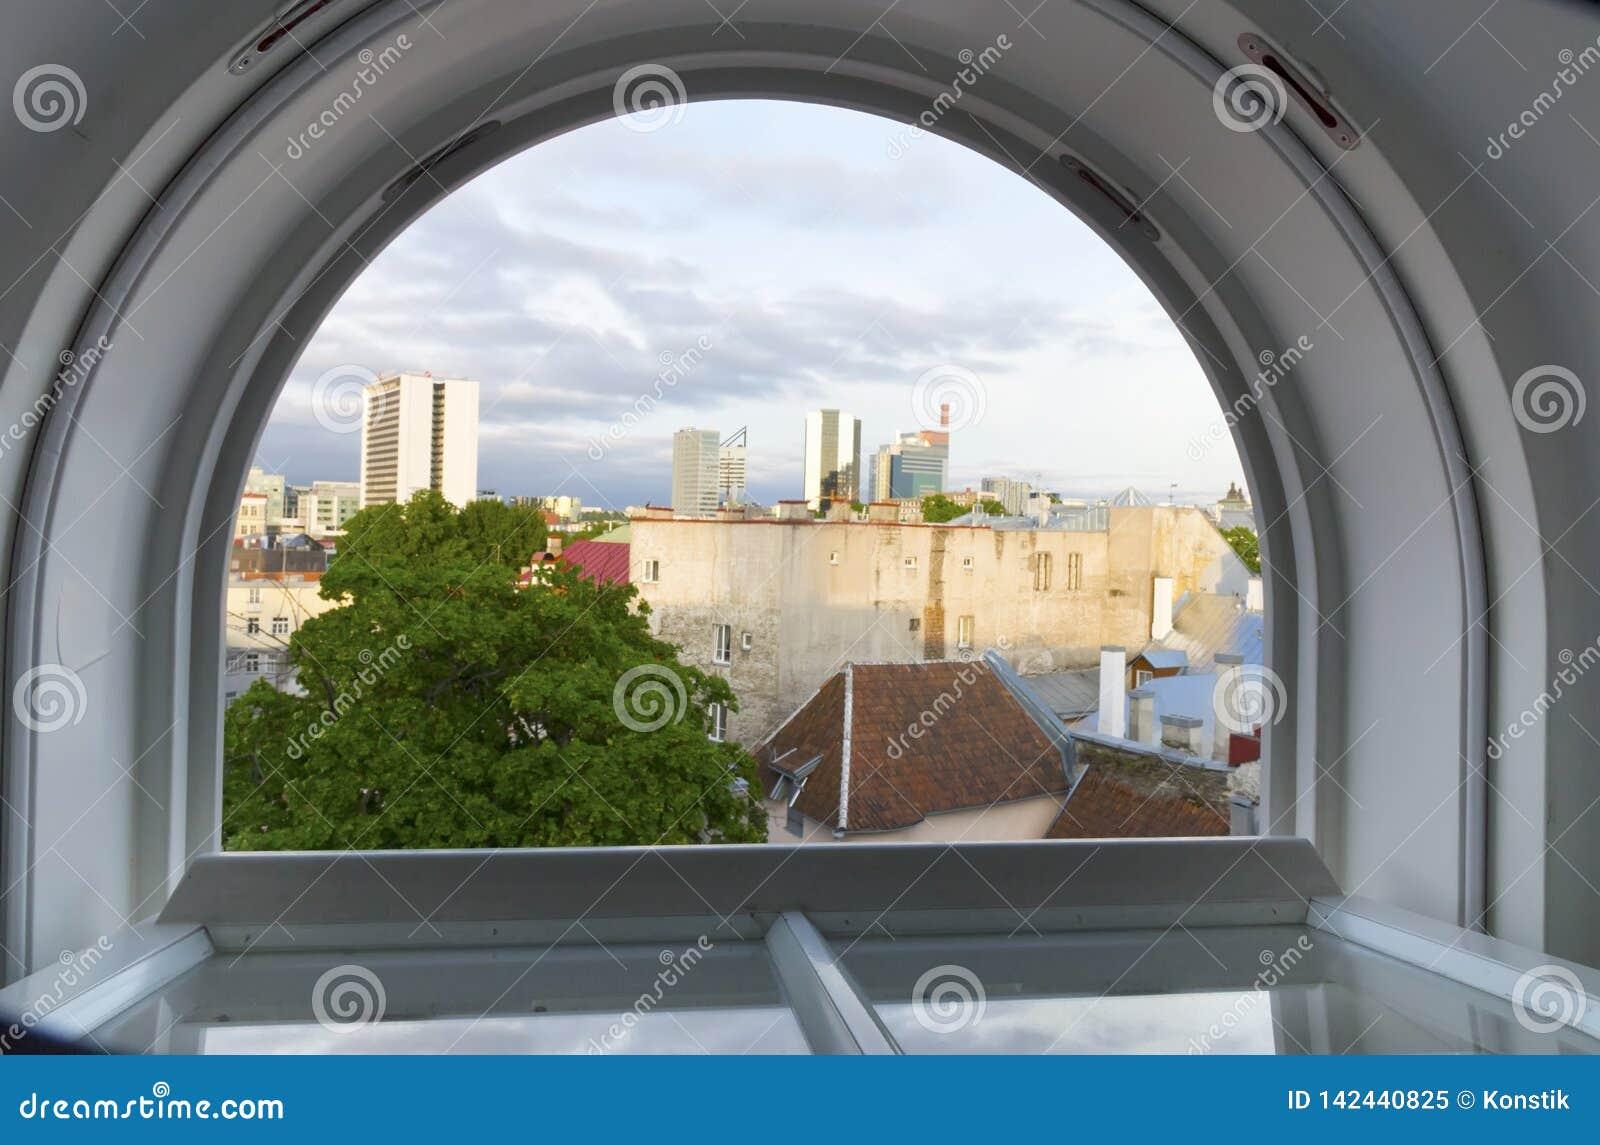 Ταλίν Άποψη από το παράθυρο στεγών στις στέγες της παλαιάς πόλης και των σύγχρονων σπιτιών στην απόσταση